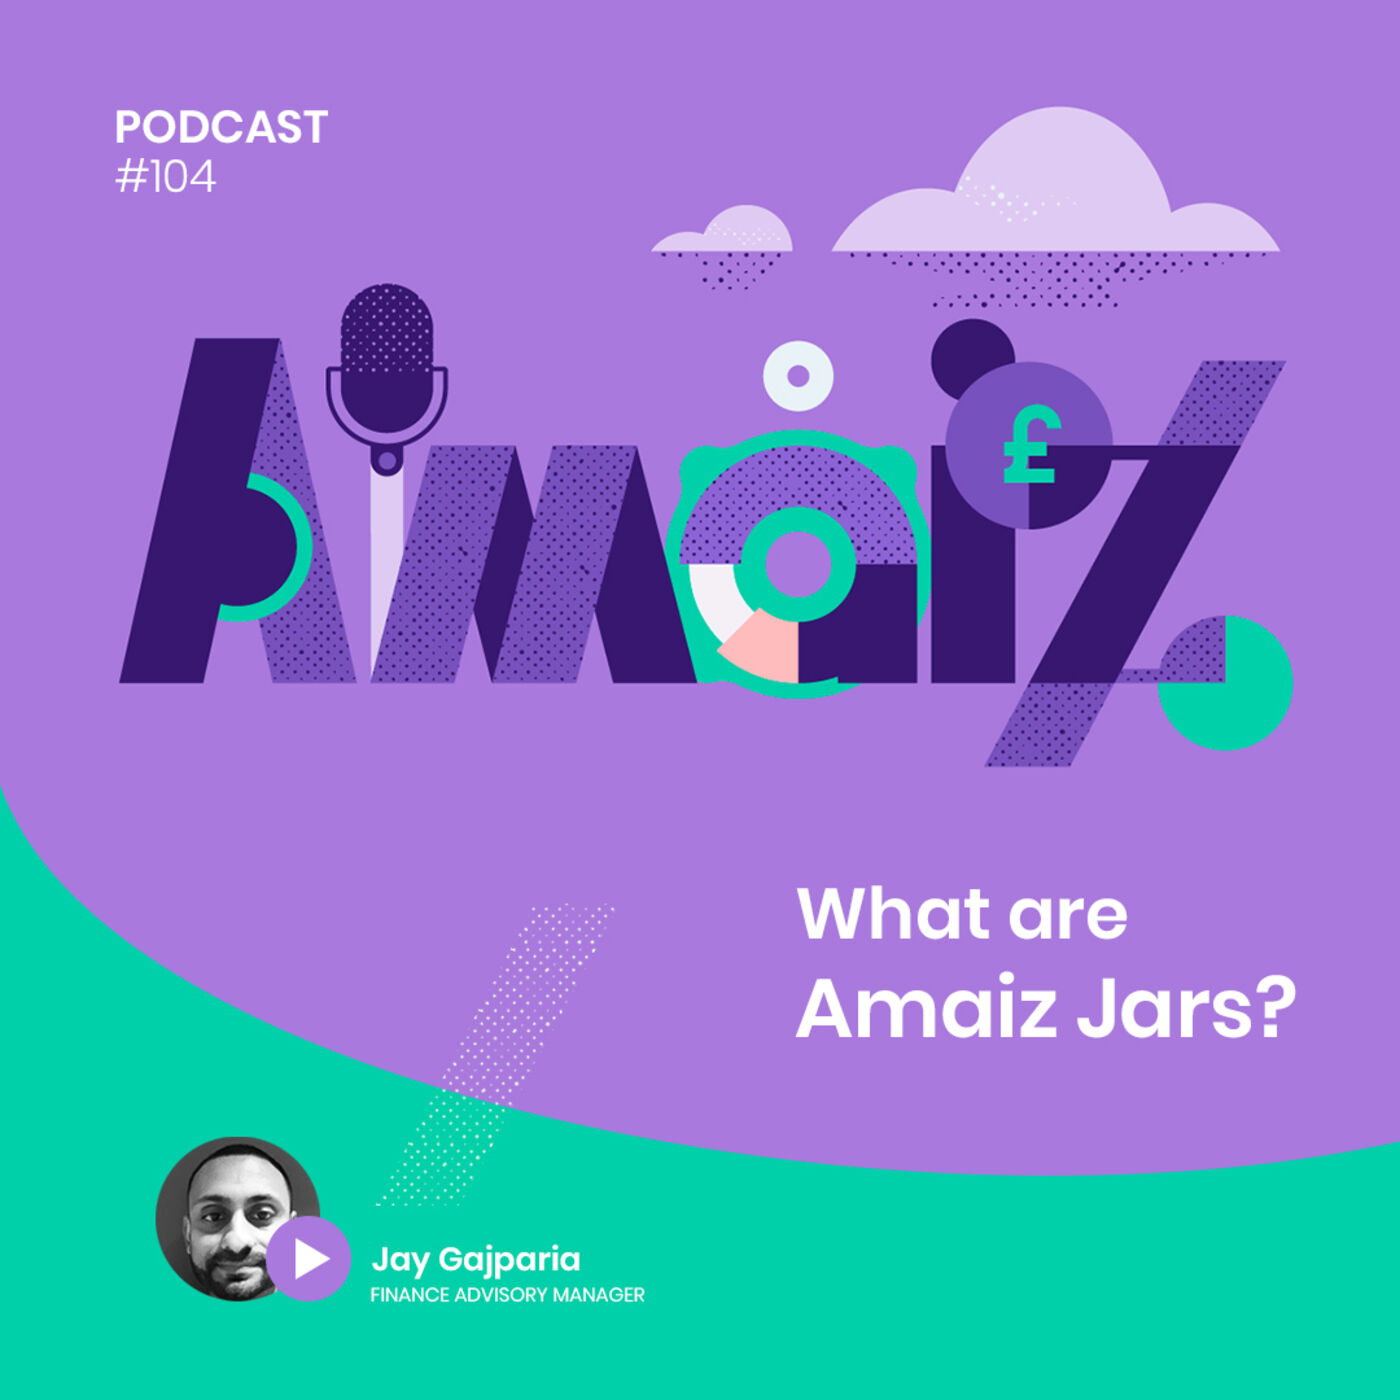 What are Amaiz Jars?